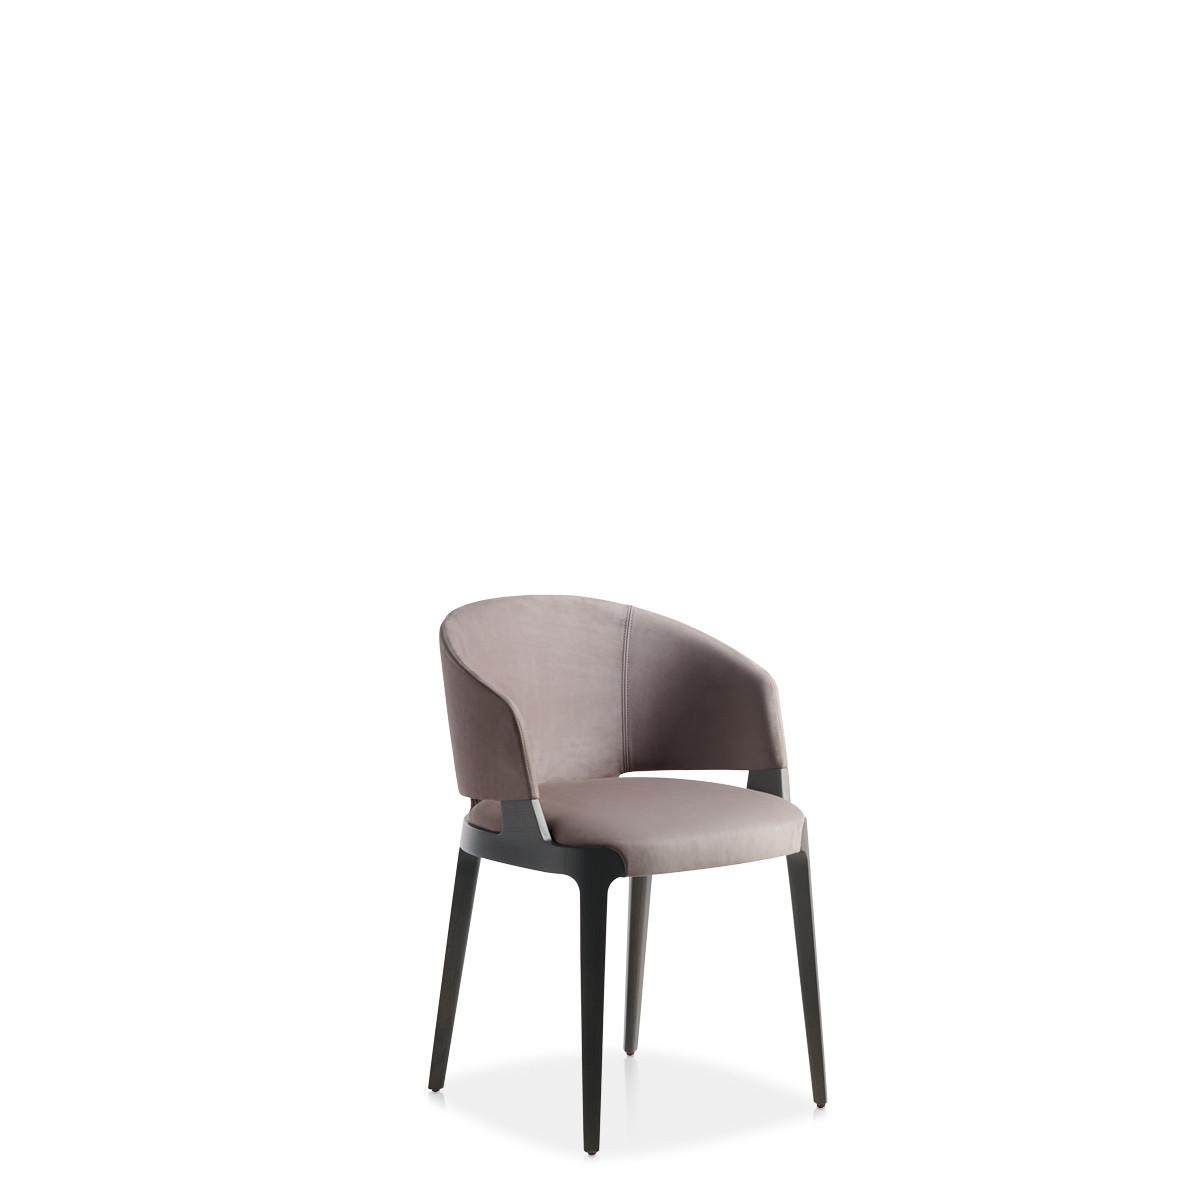 Entdecken Sie bei Conzept Beckord besondere Designmöbel! Hier finden Sie Potocco Stühle: Velis vech